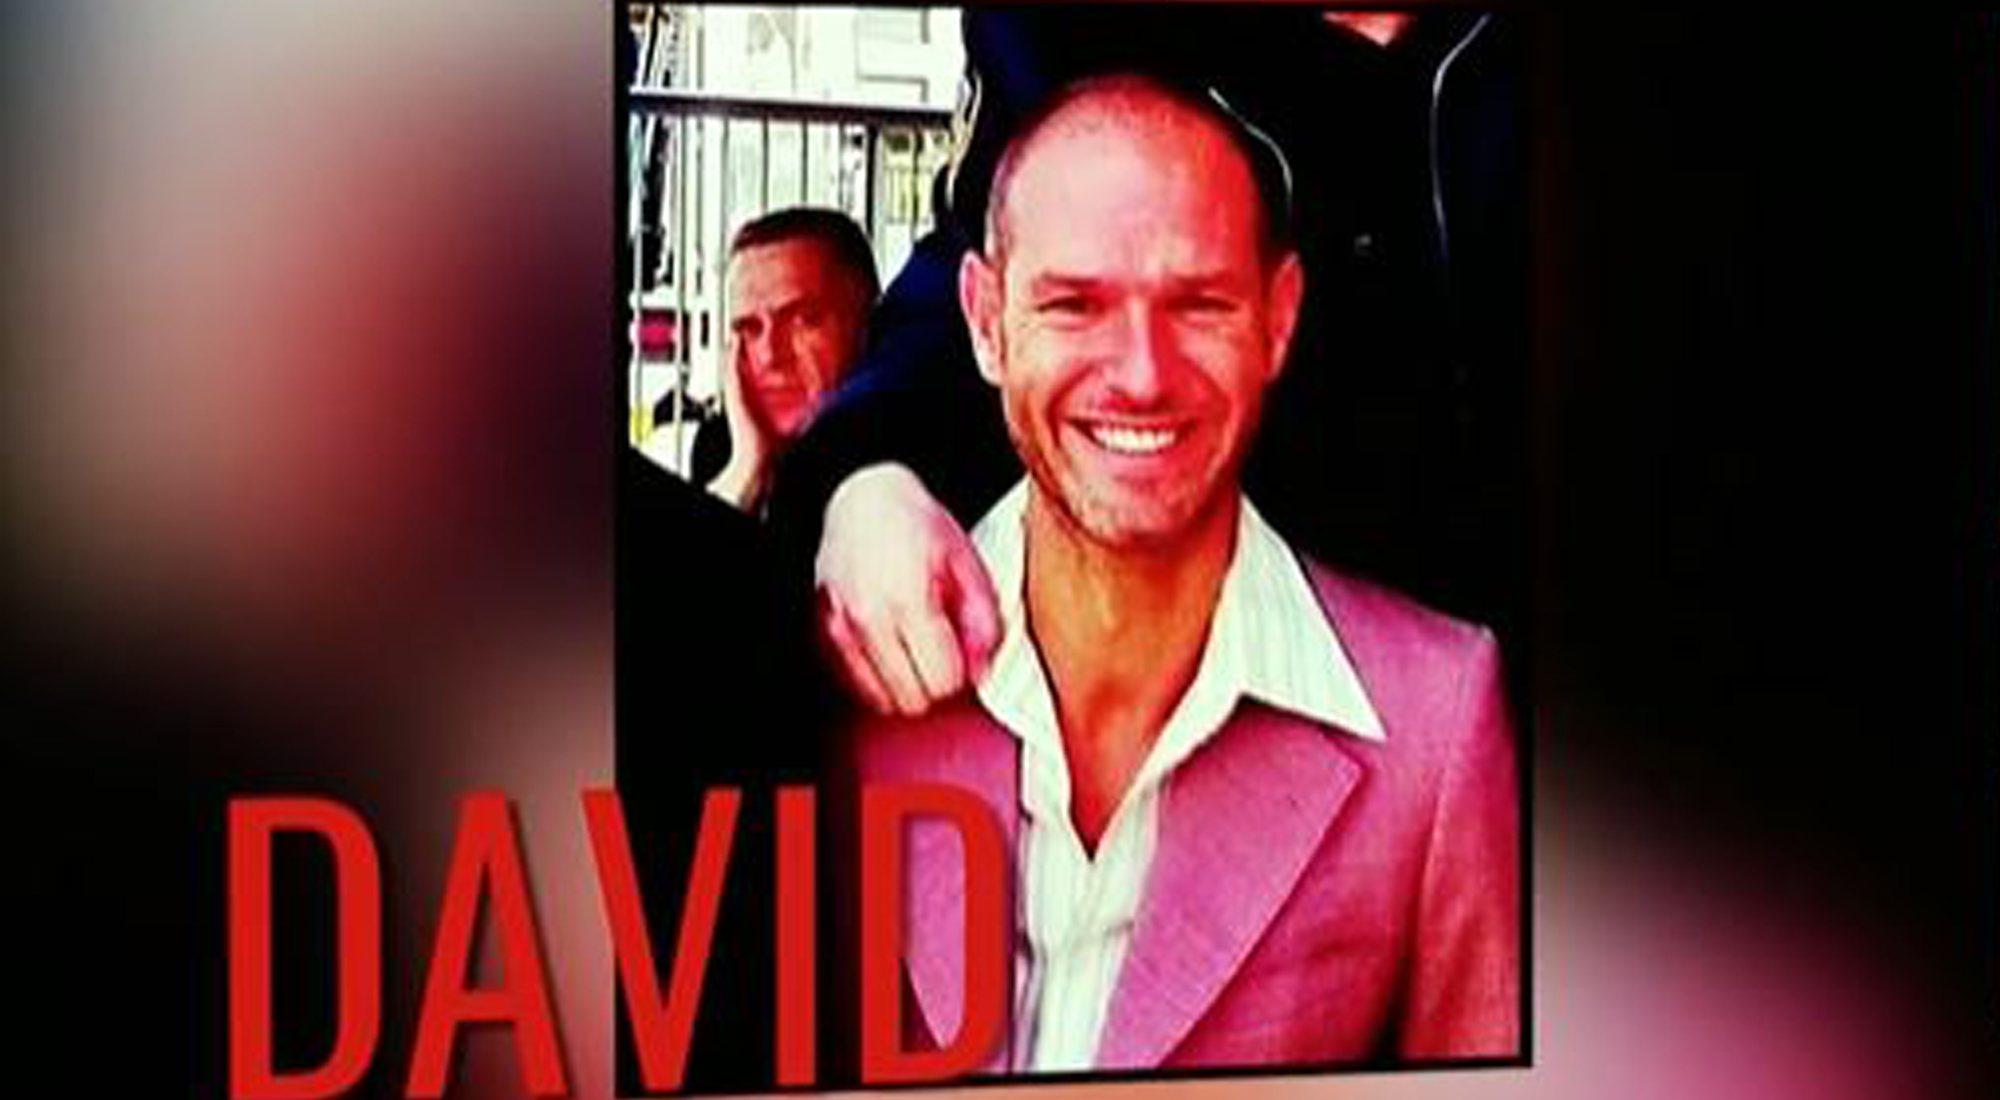 David, pretendiente de Jorge Javier Vázquez